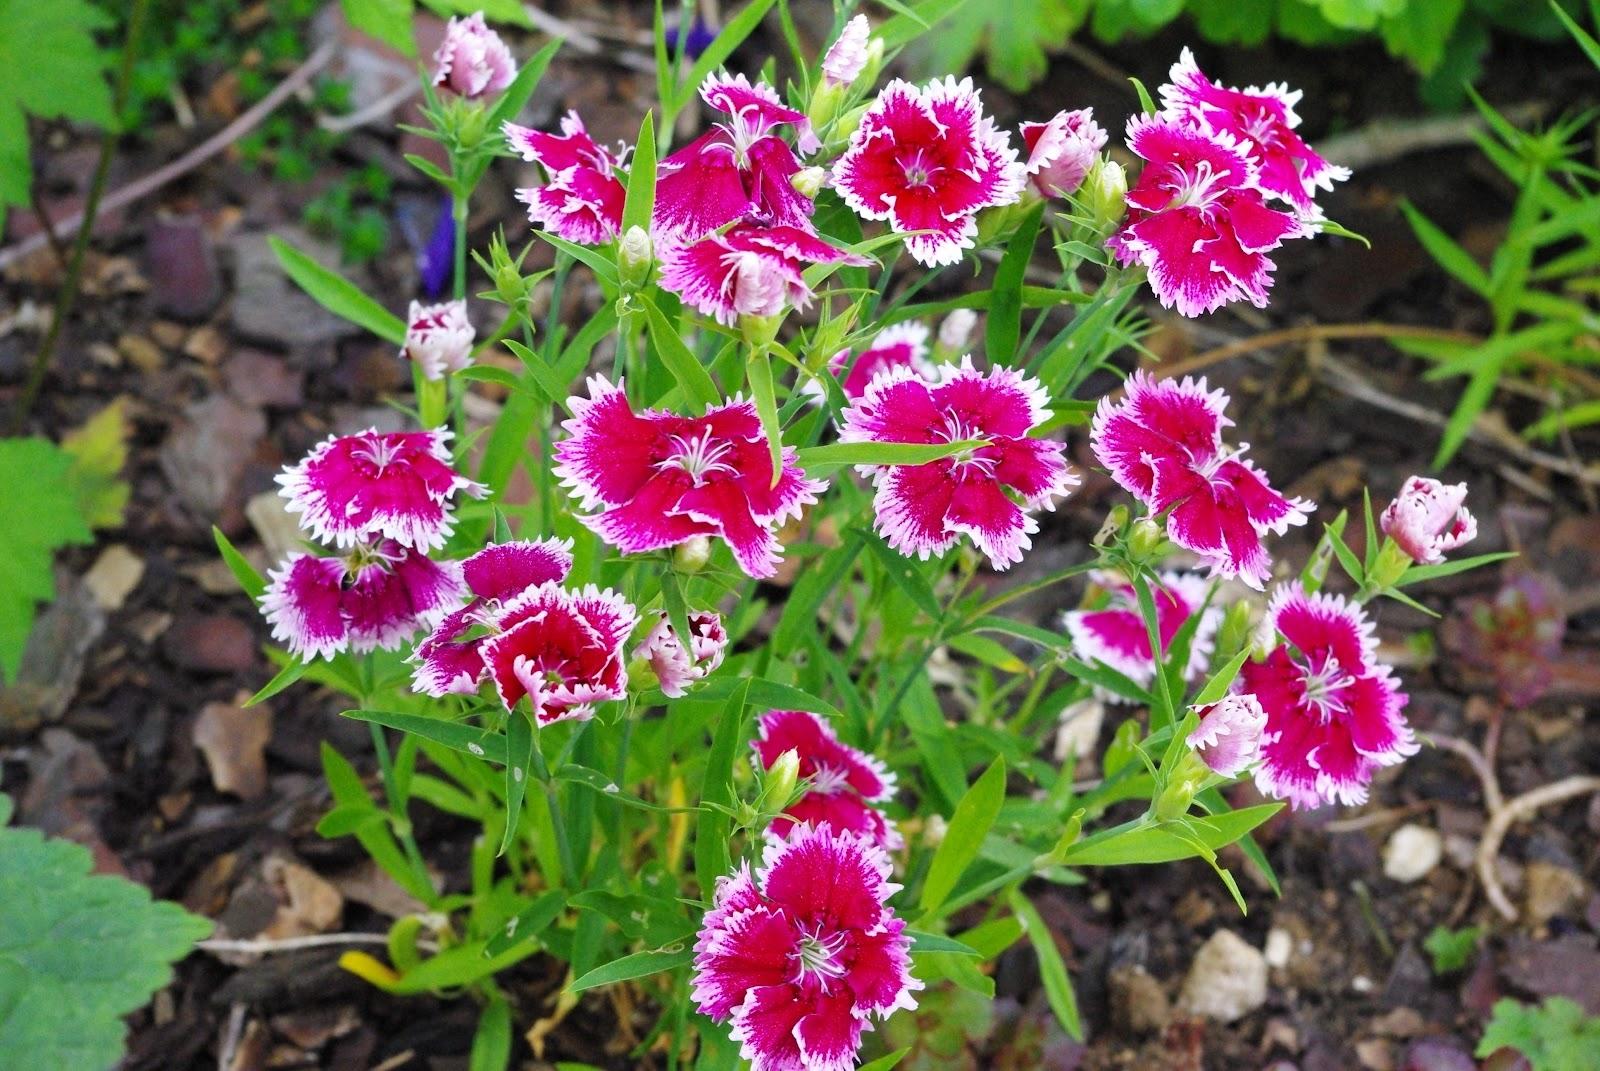 Promenade au jardin de lili dans le poitou oeillet de chine - Oeillet de chine ...